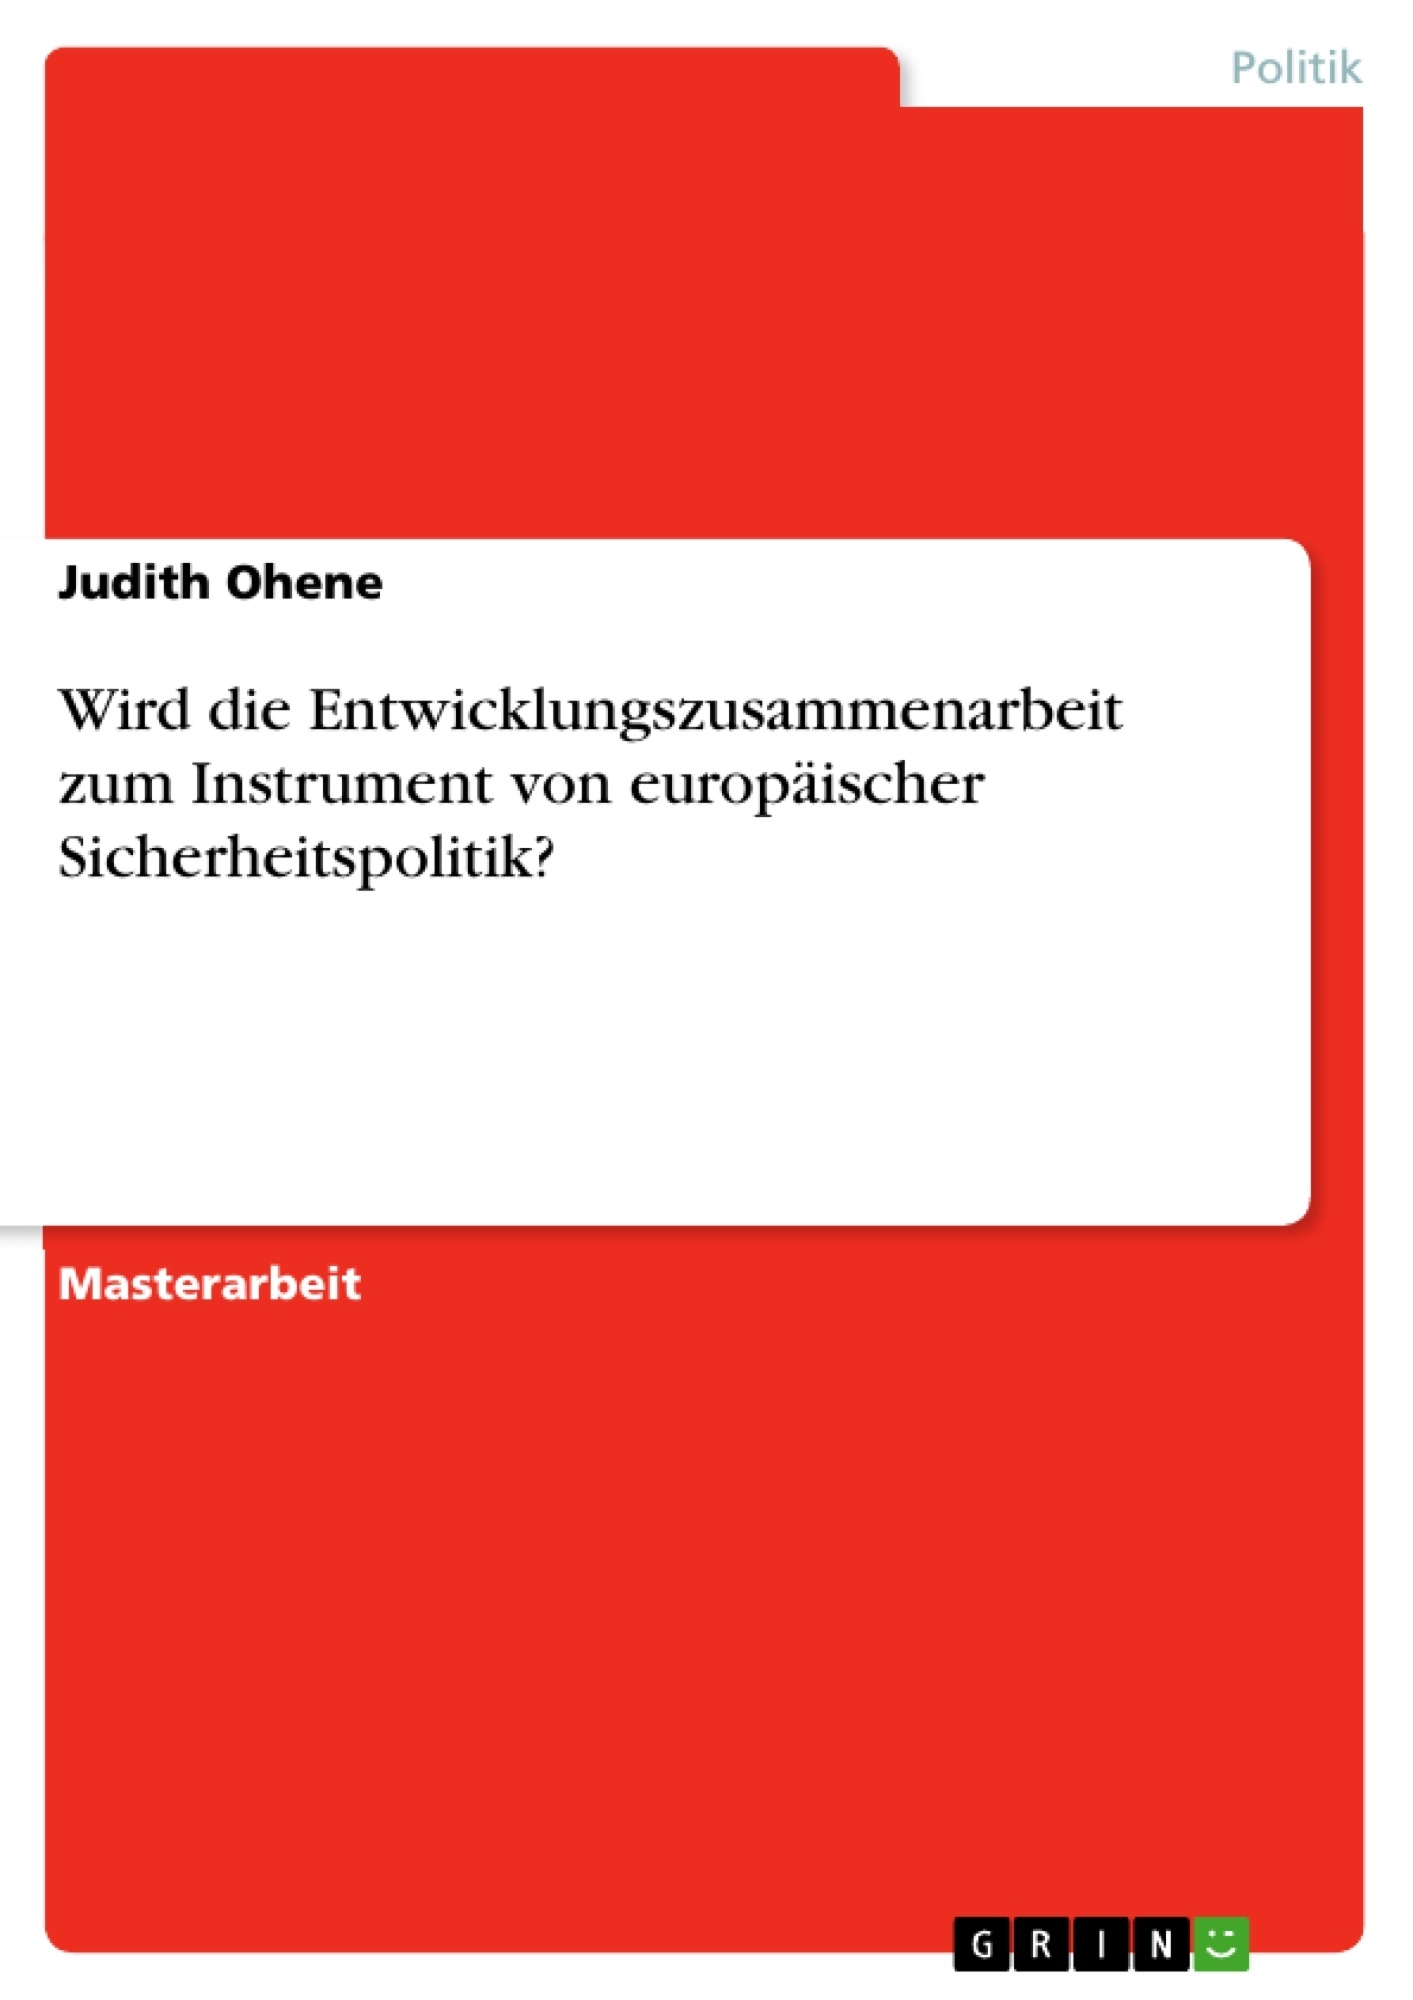 Titel: Wird die Entwicklungszusammenarbeit zum Instrument von europäischer Sicherheitspolitik?